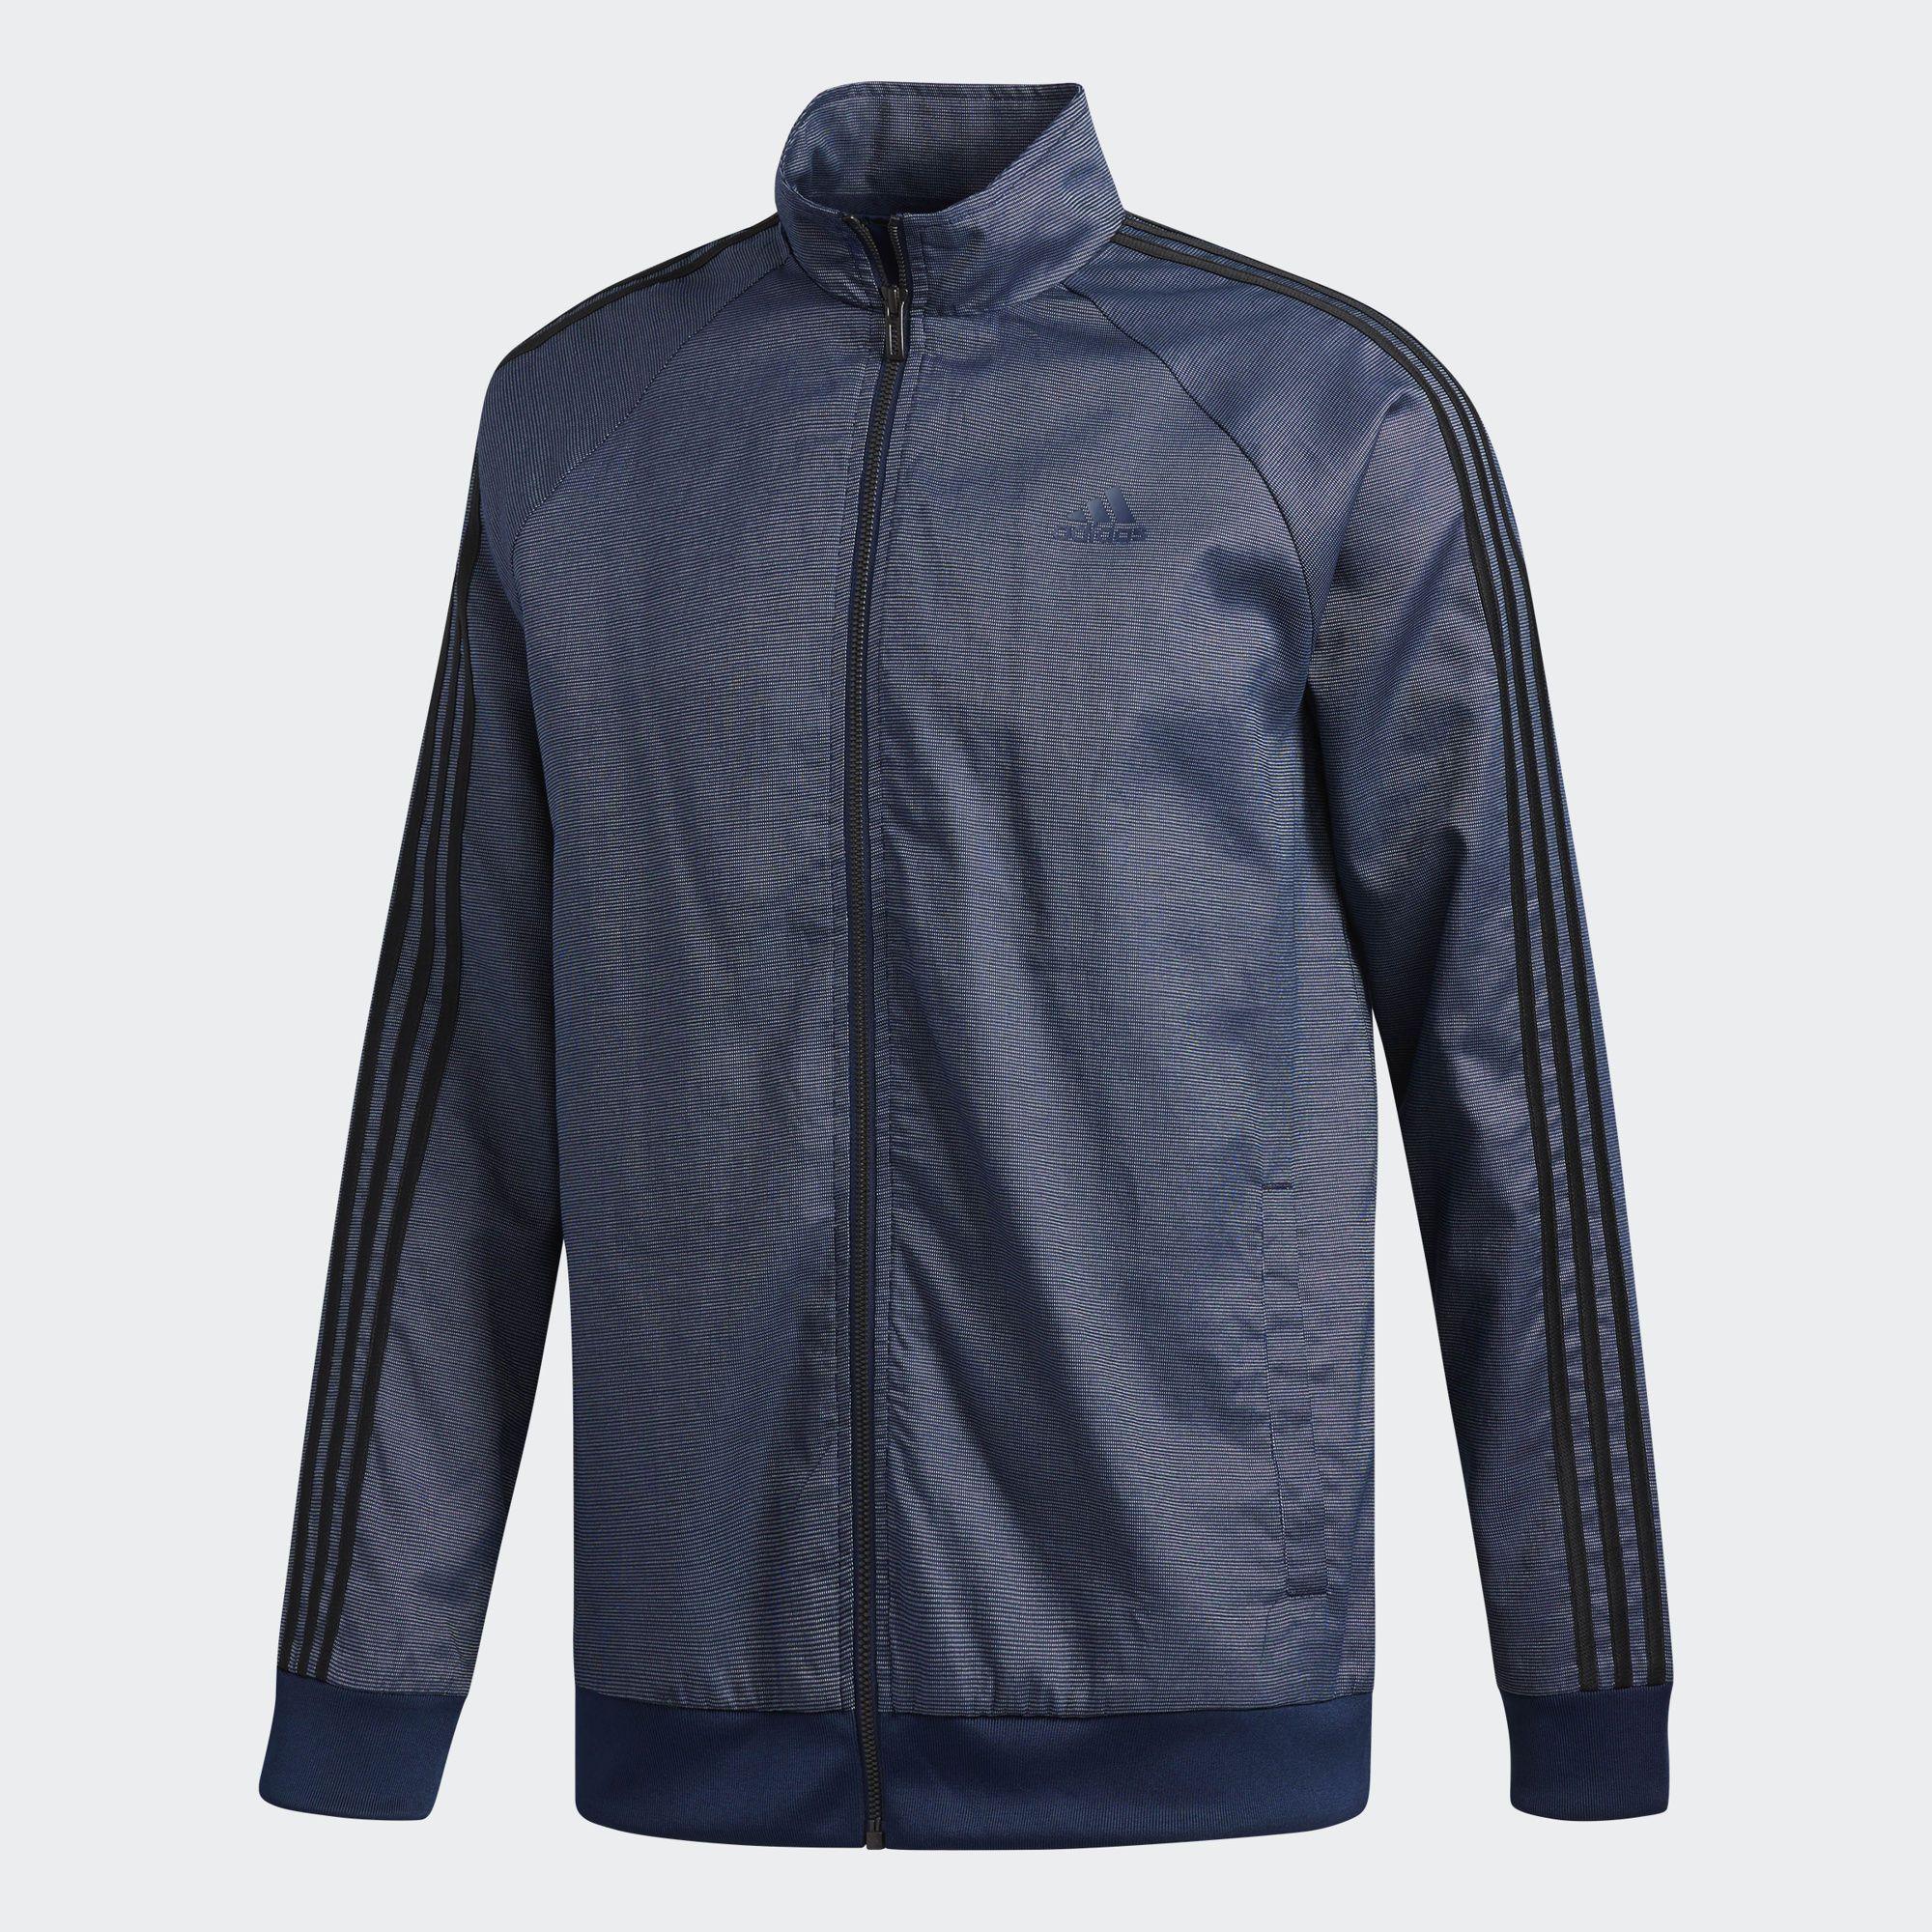 Columbia Men's Tech Pine Ridge Half Zip Jacket Mens